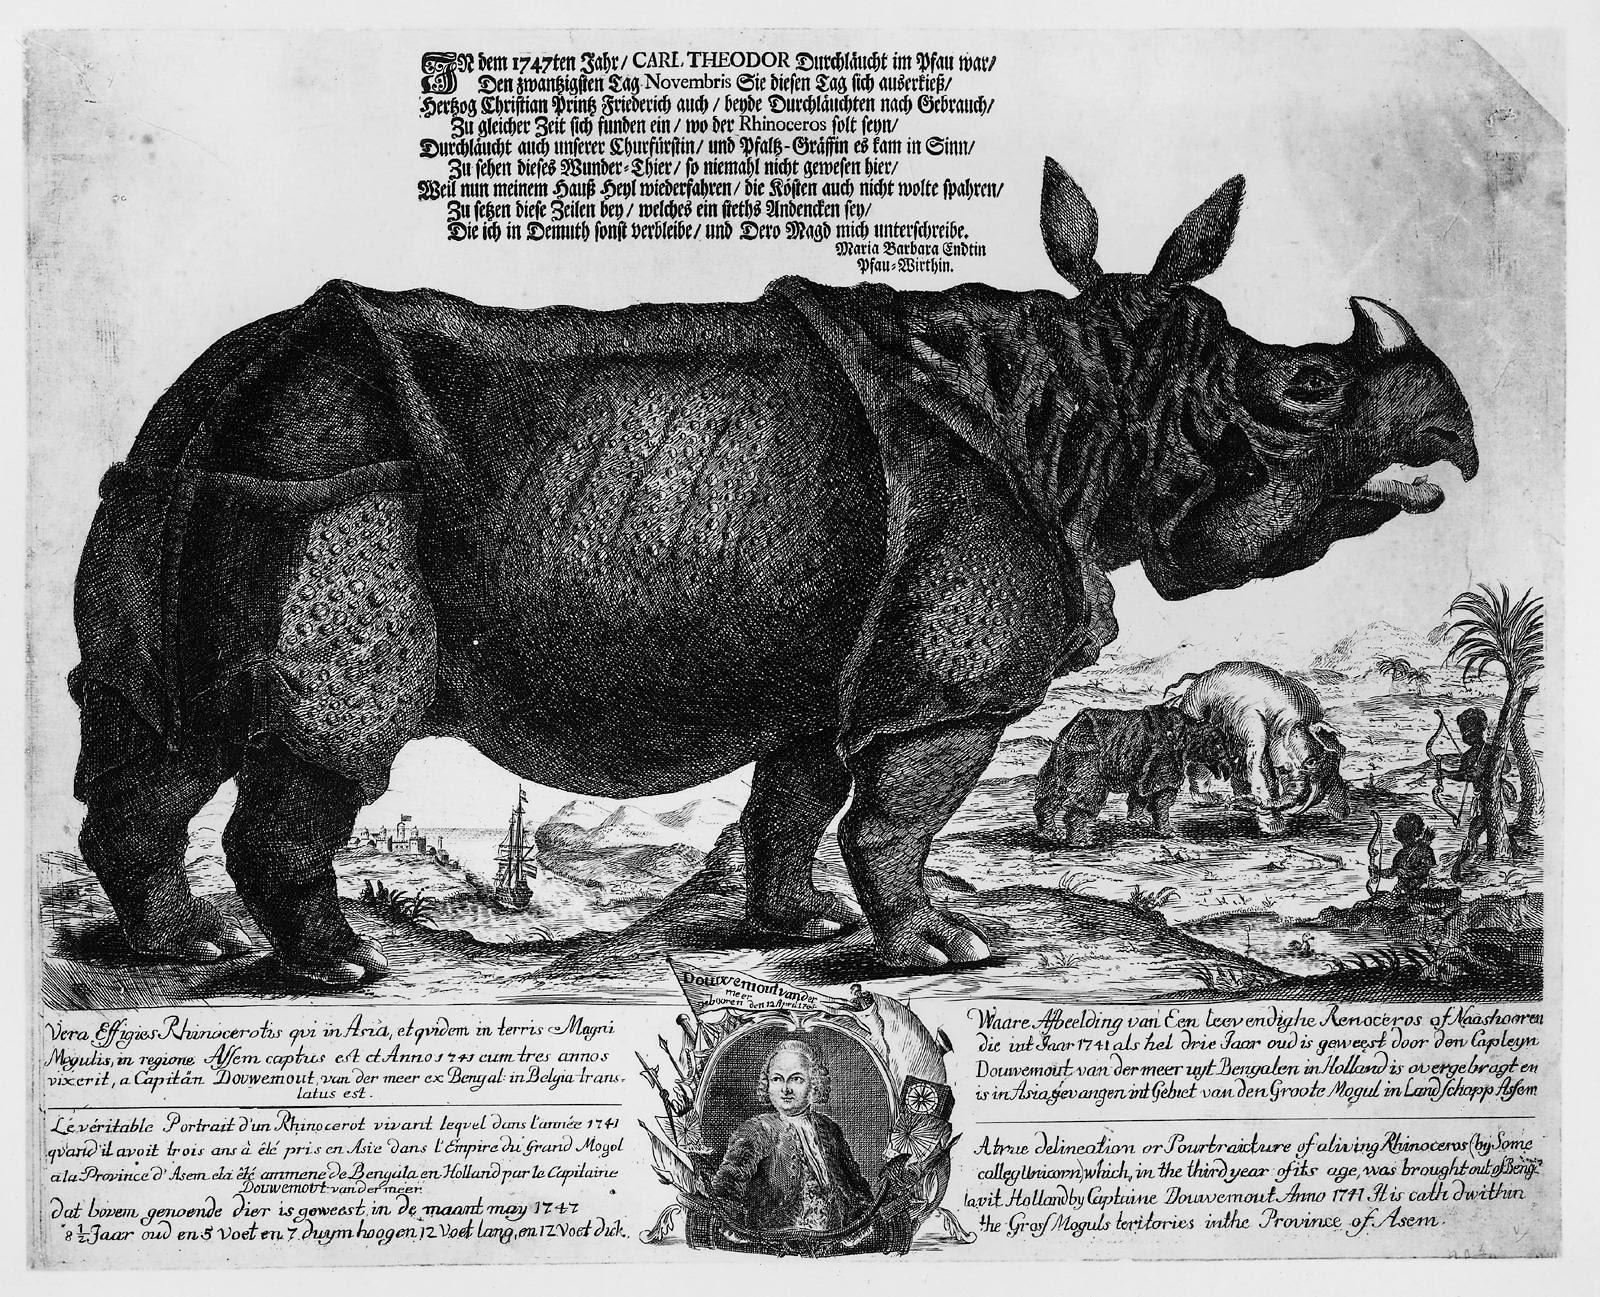 H. Oster, A. A. Beck y J.G. Schmidt, La rinoceronte Clara